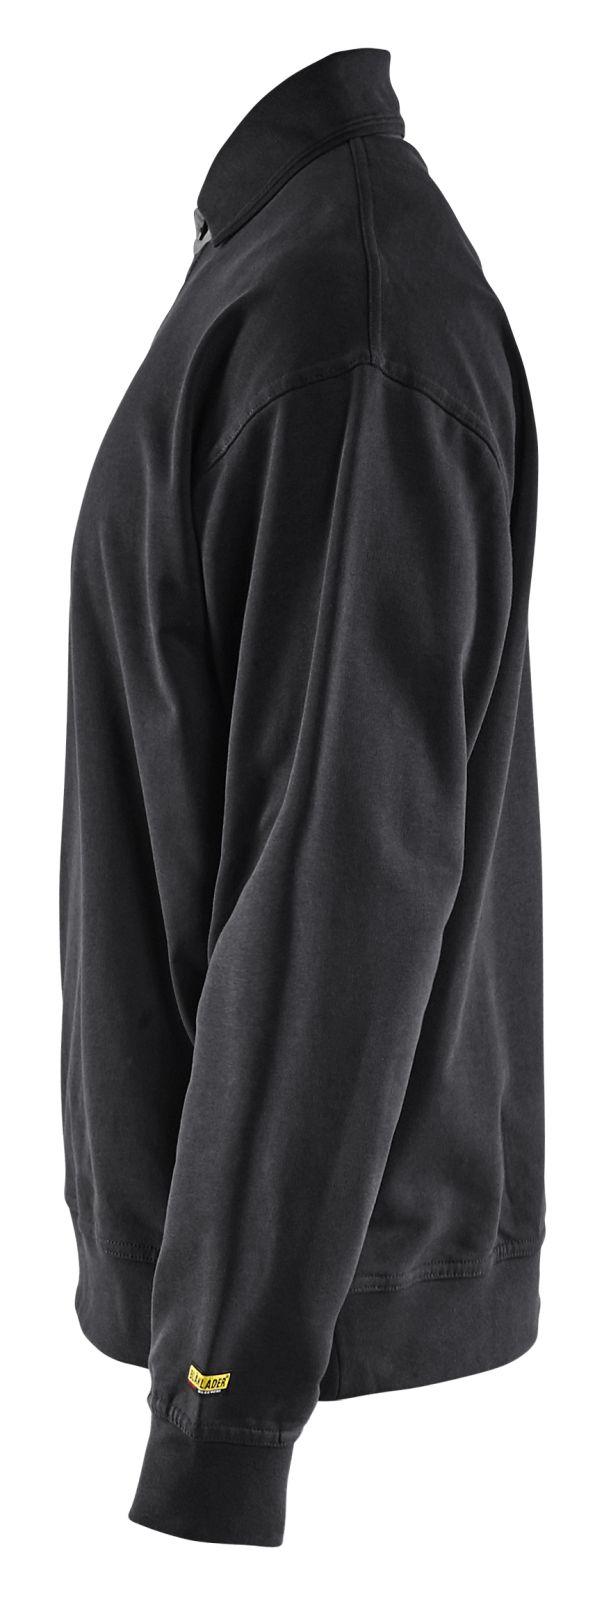 Blaklader Truien 33701158 zwart(9900)